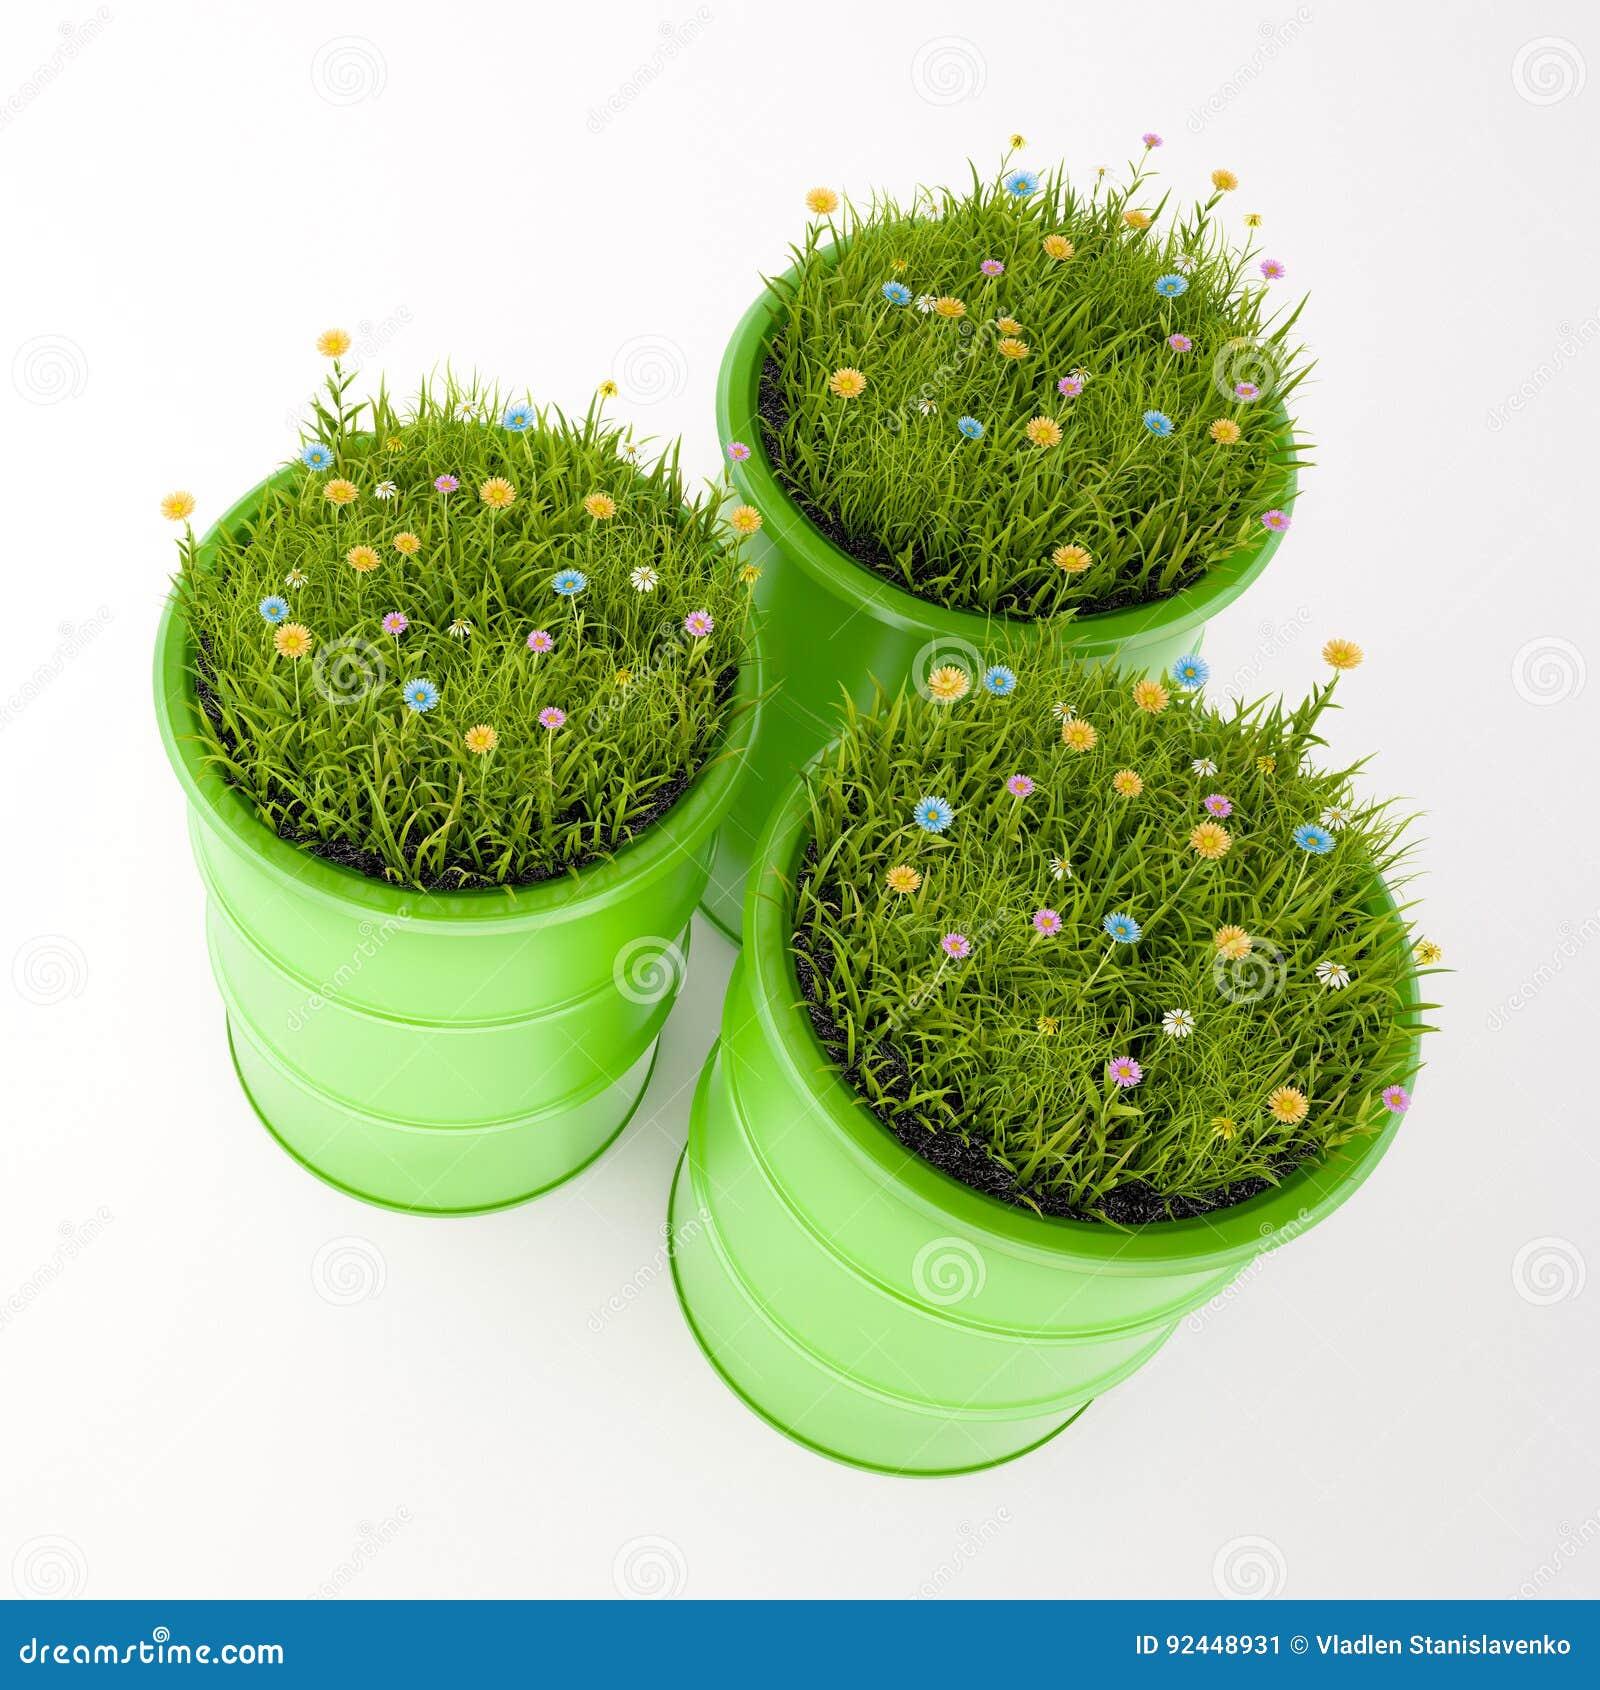 Green barrel of bio fuel